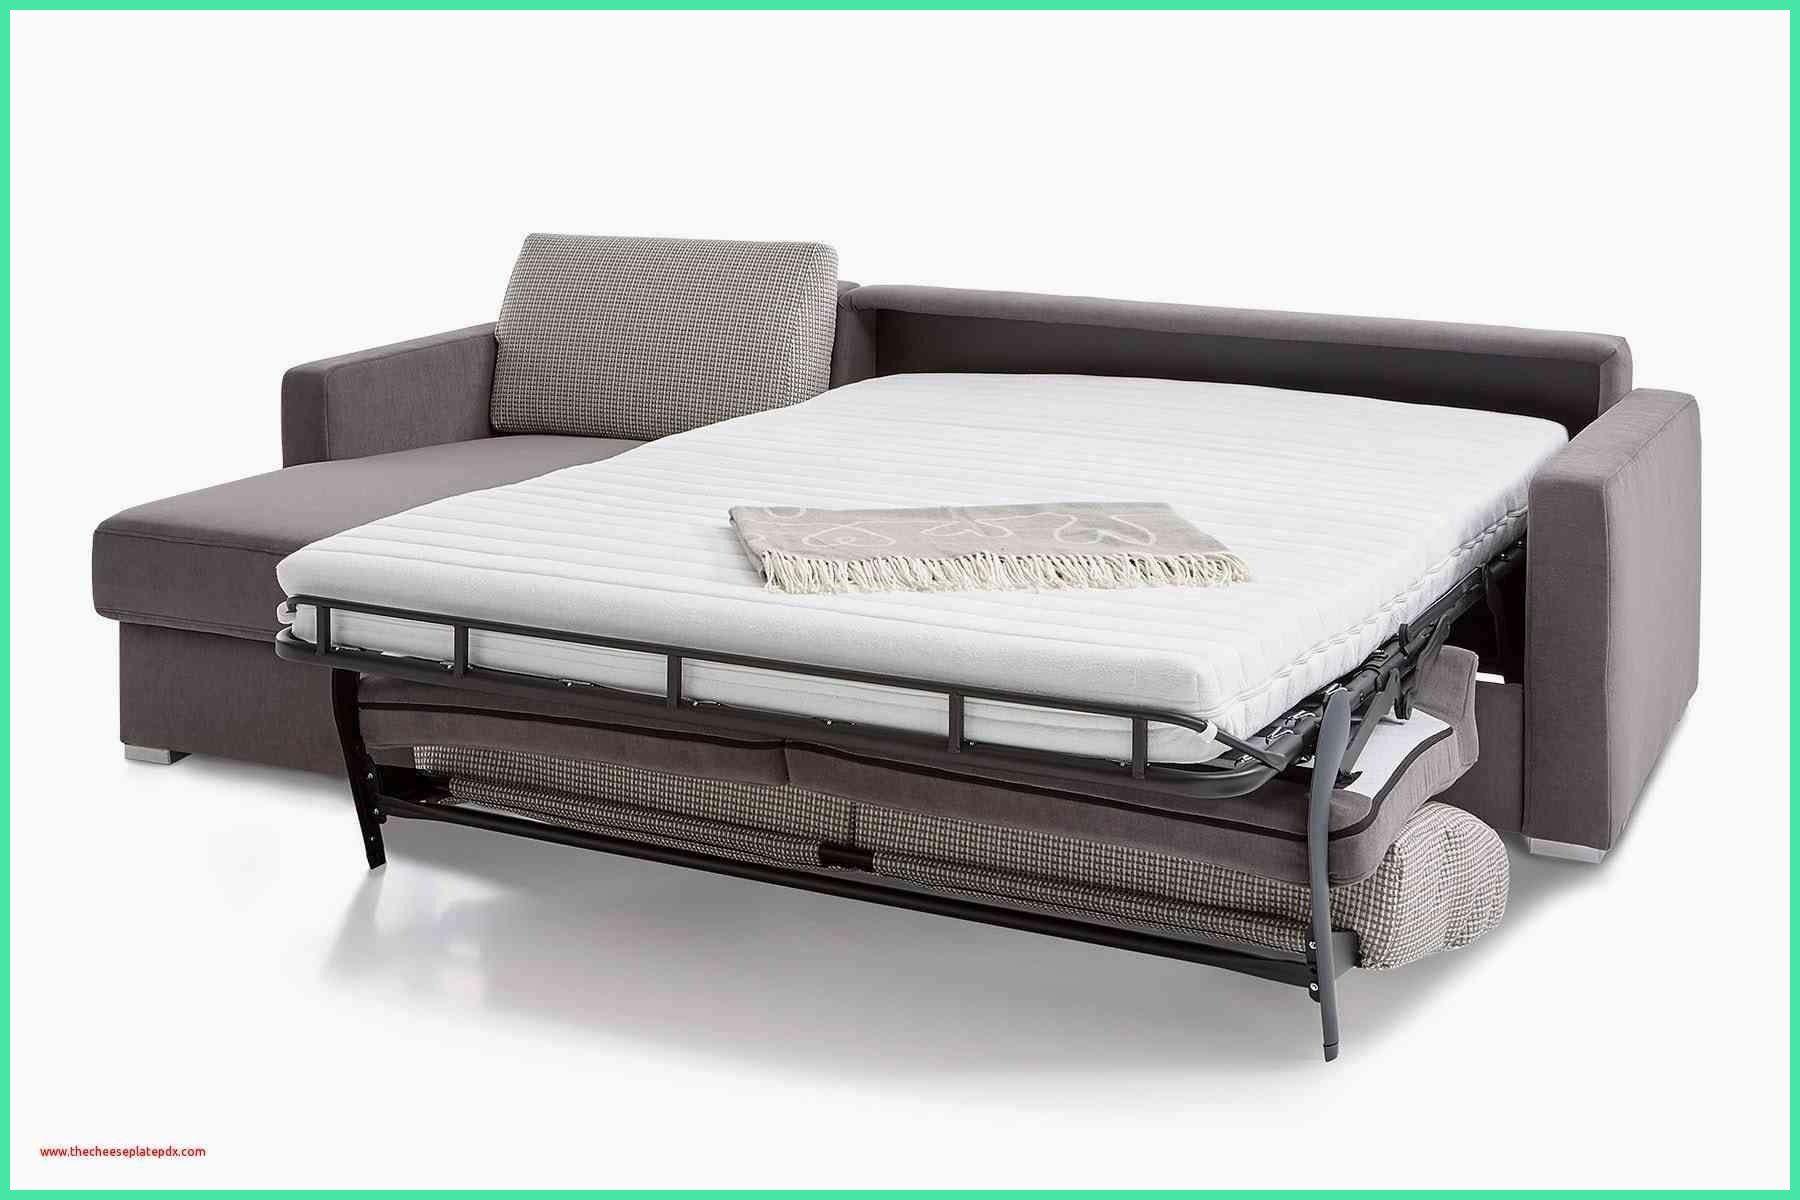 Schillig Willi Ecksofa Sixty Sixx 16550 Sofa Optional Mit